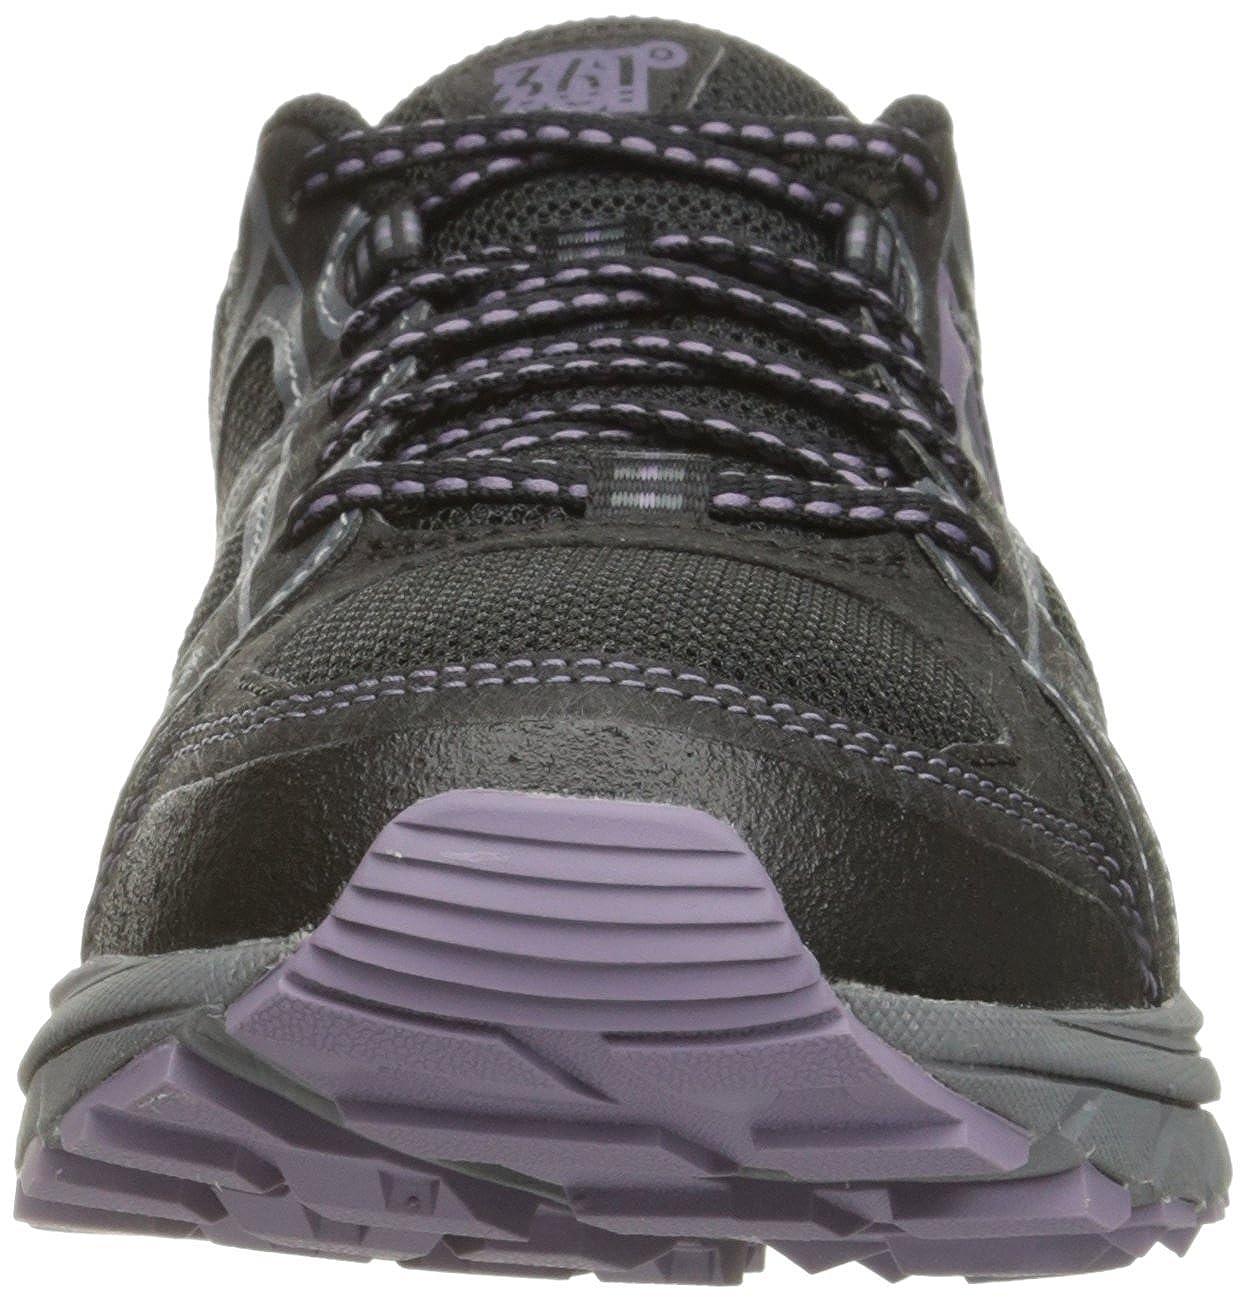 2852338368fc6 361 Women's Overstep Trail Runner